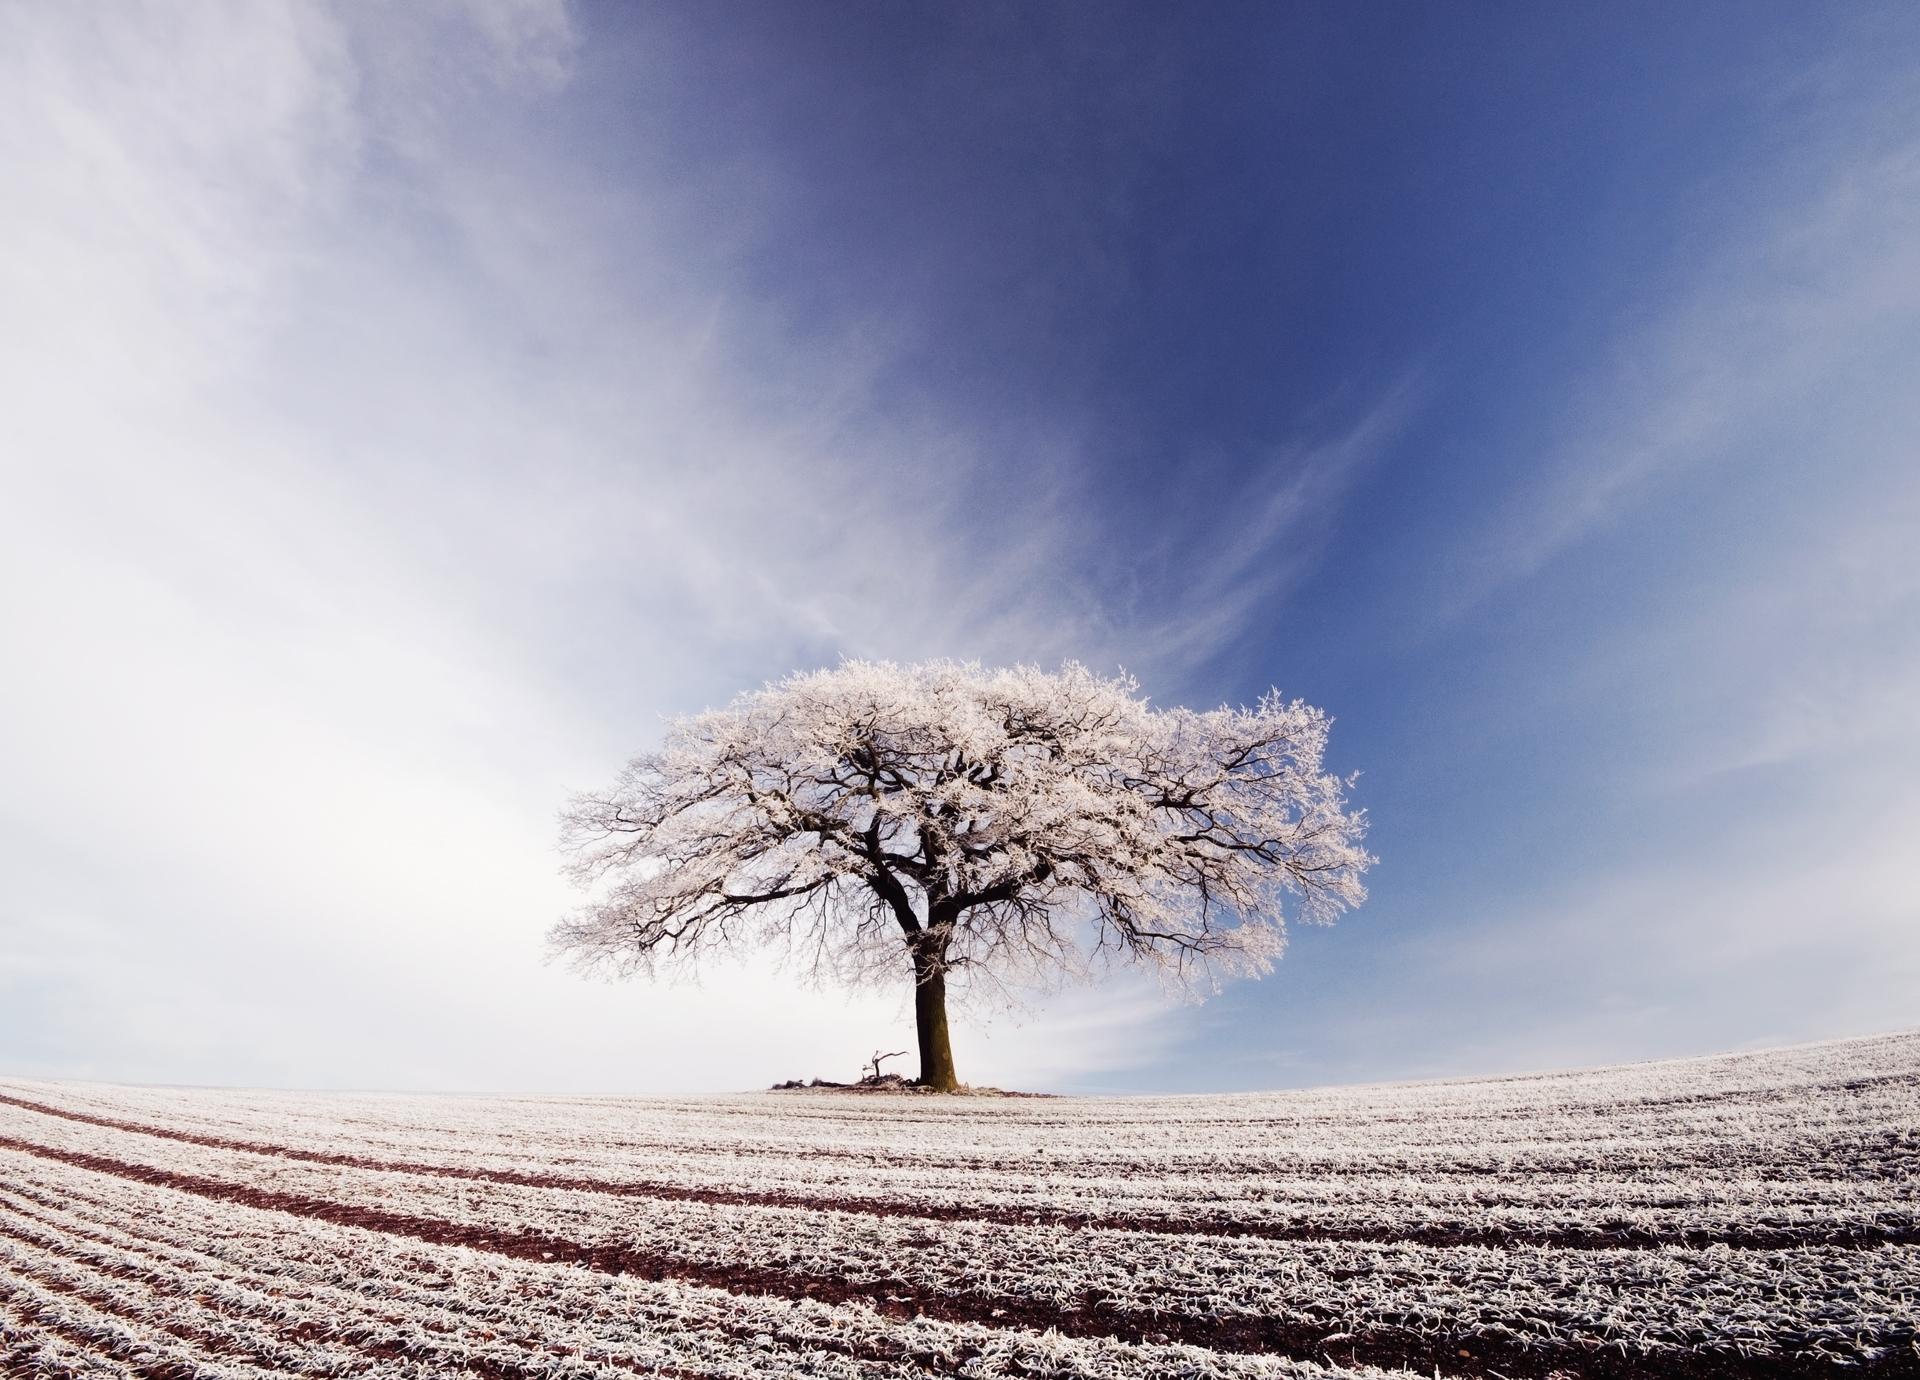 самые красивые картинки погоды детей